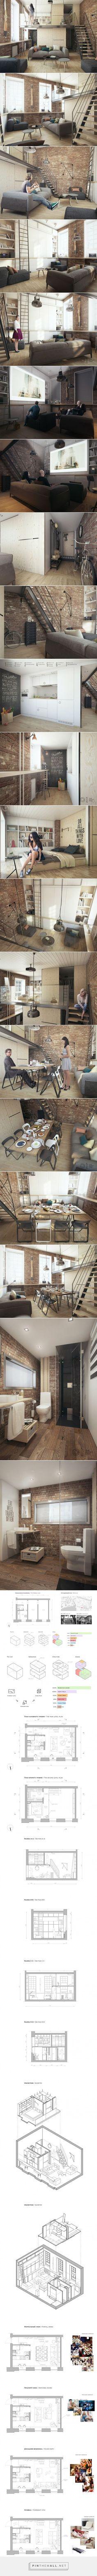 Proyecto de apartamento mínimo. Los espacios se utilizan de distintas formas cada vez.: